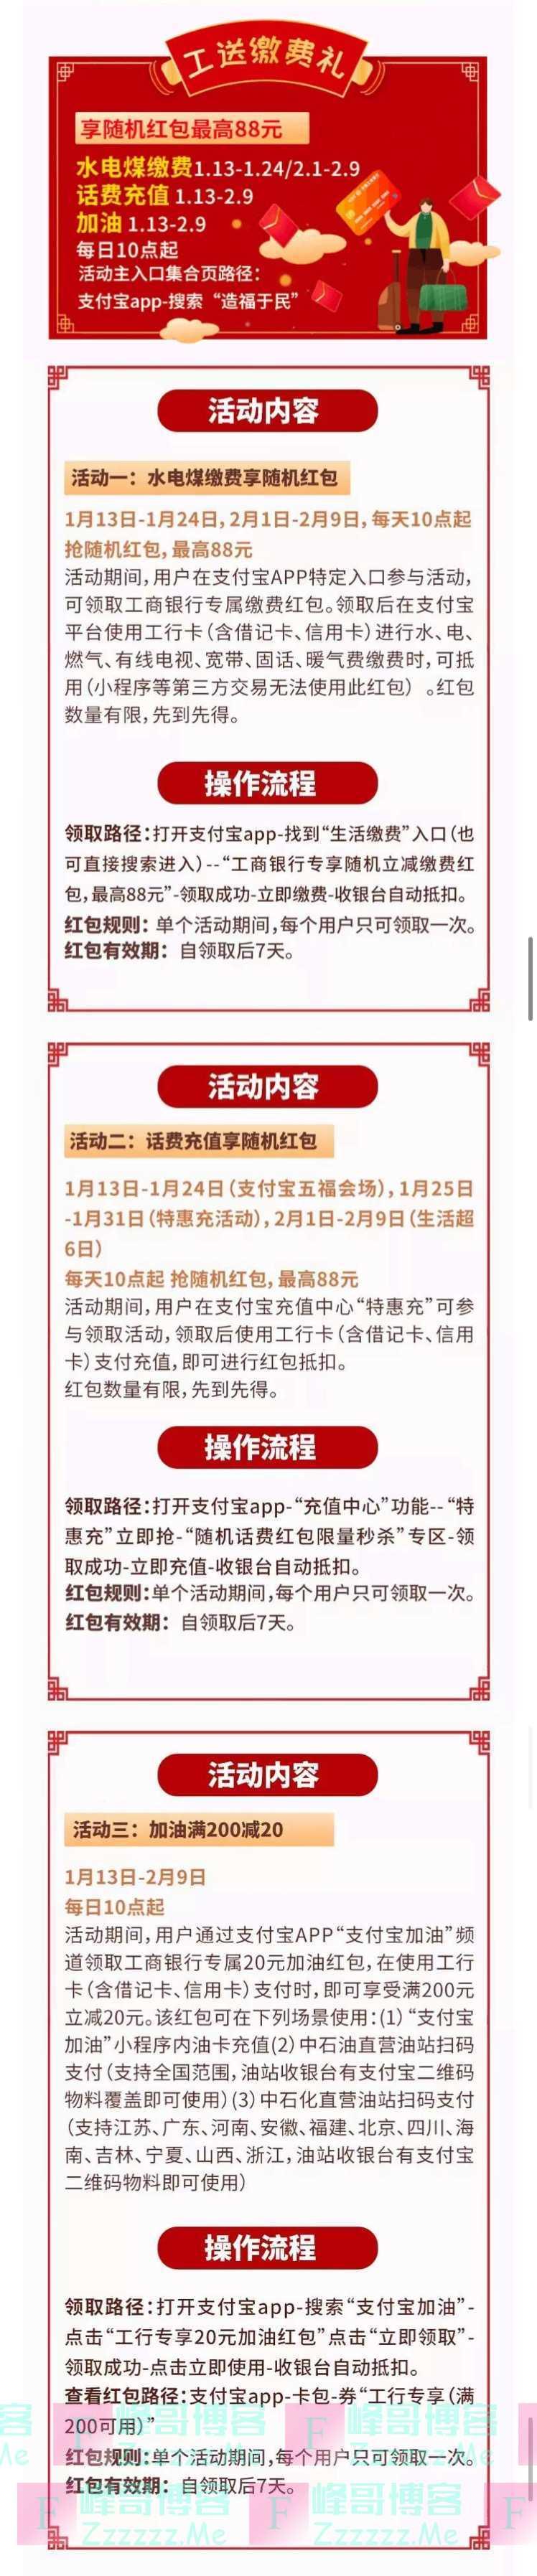 中国工商银行客户服务工送缴费礼(2月9日截止)